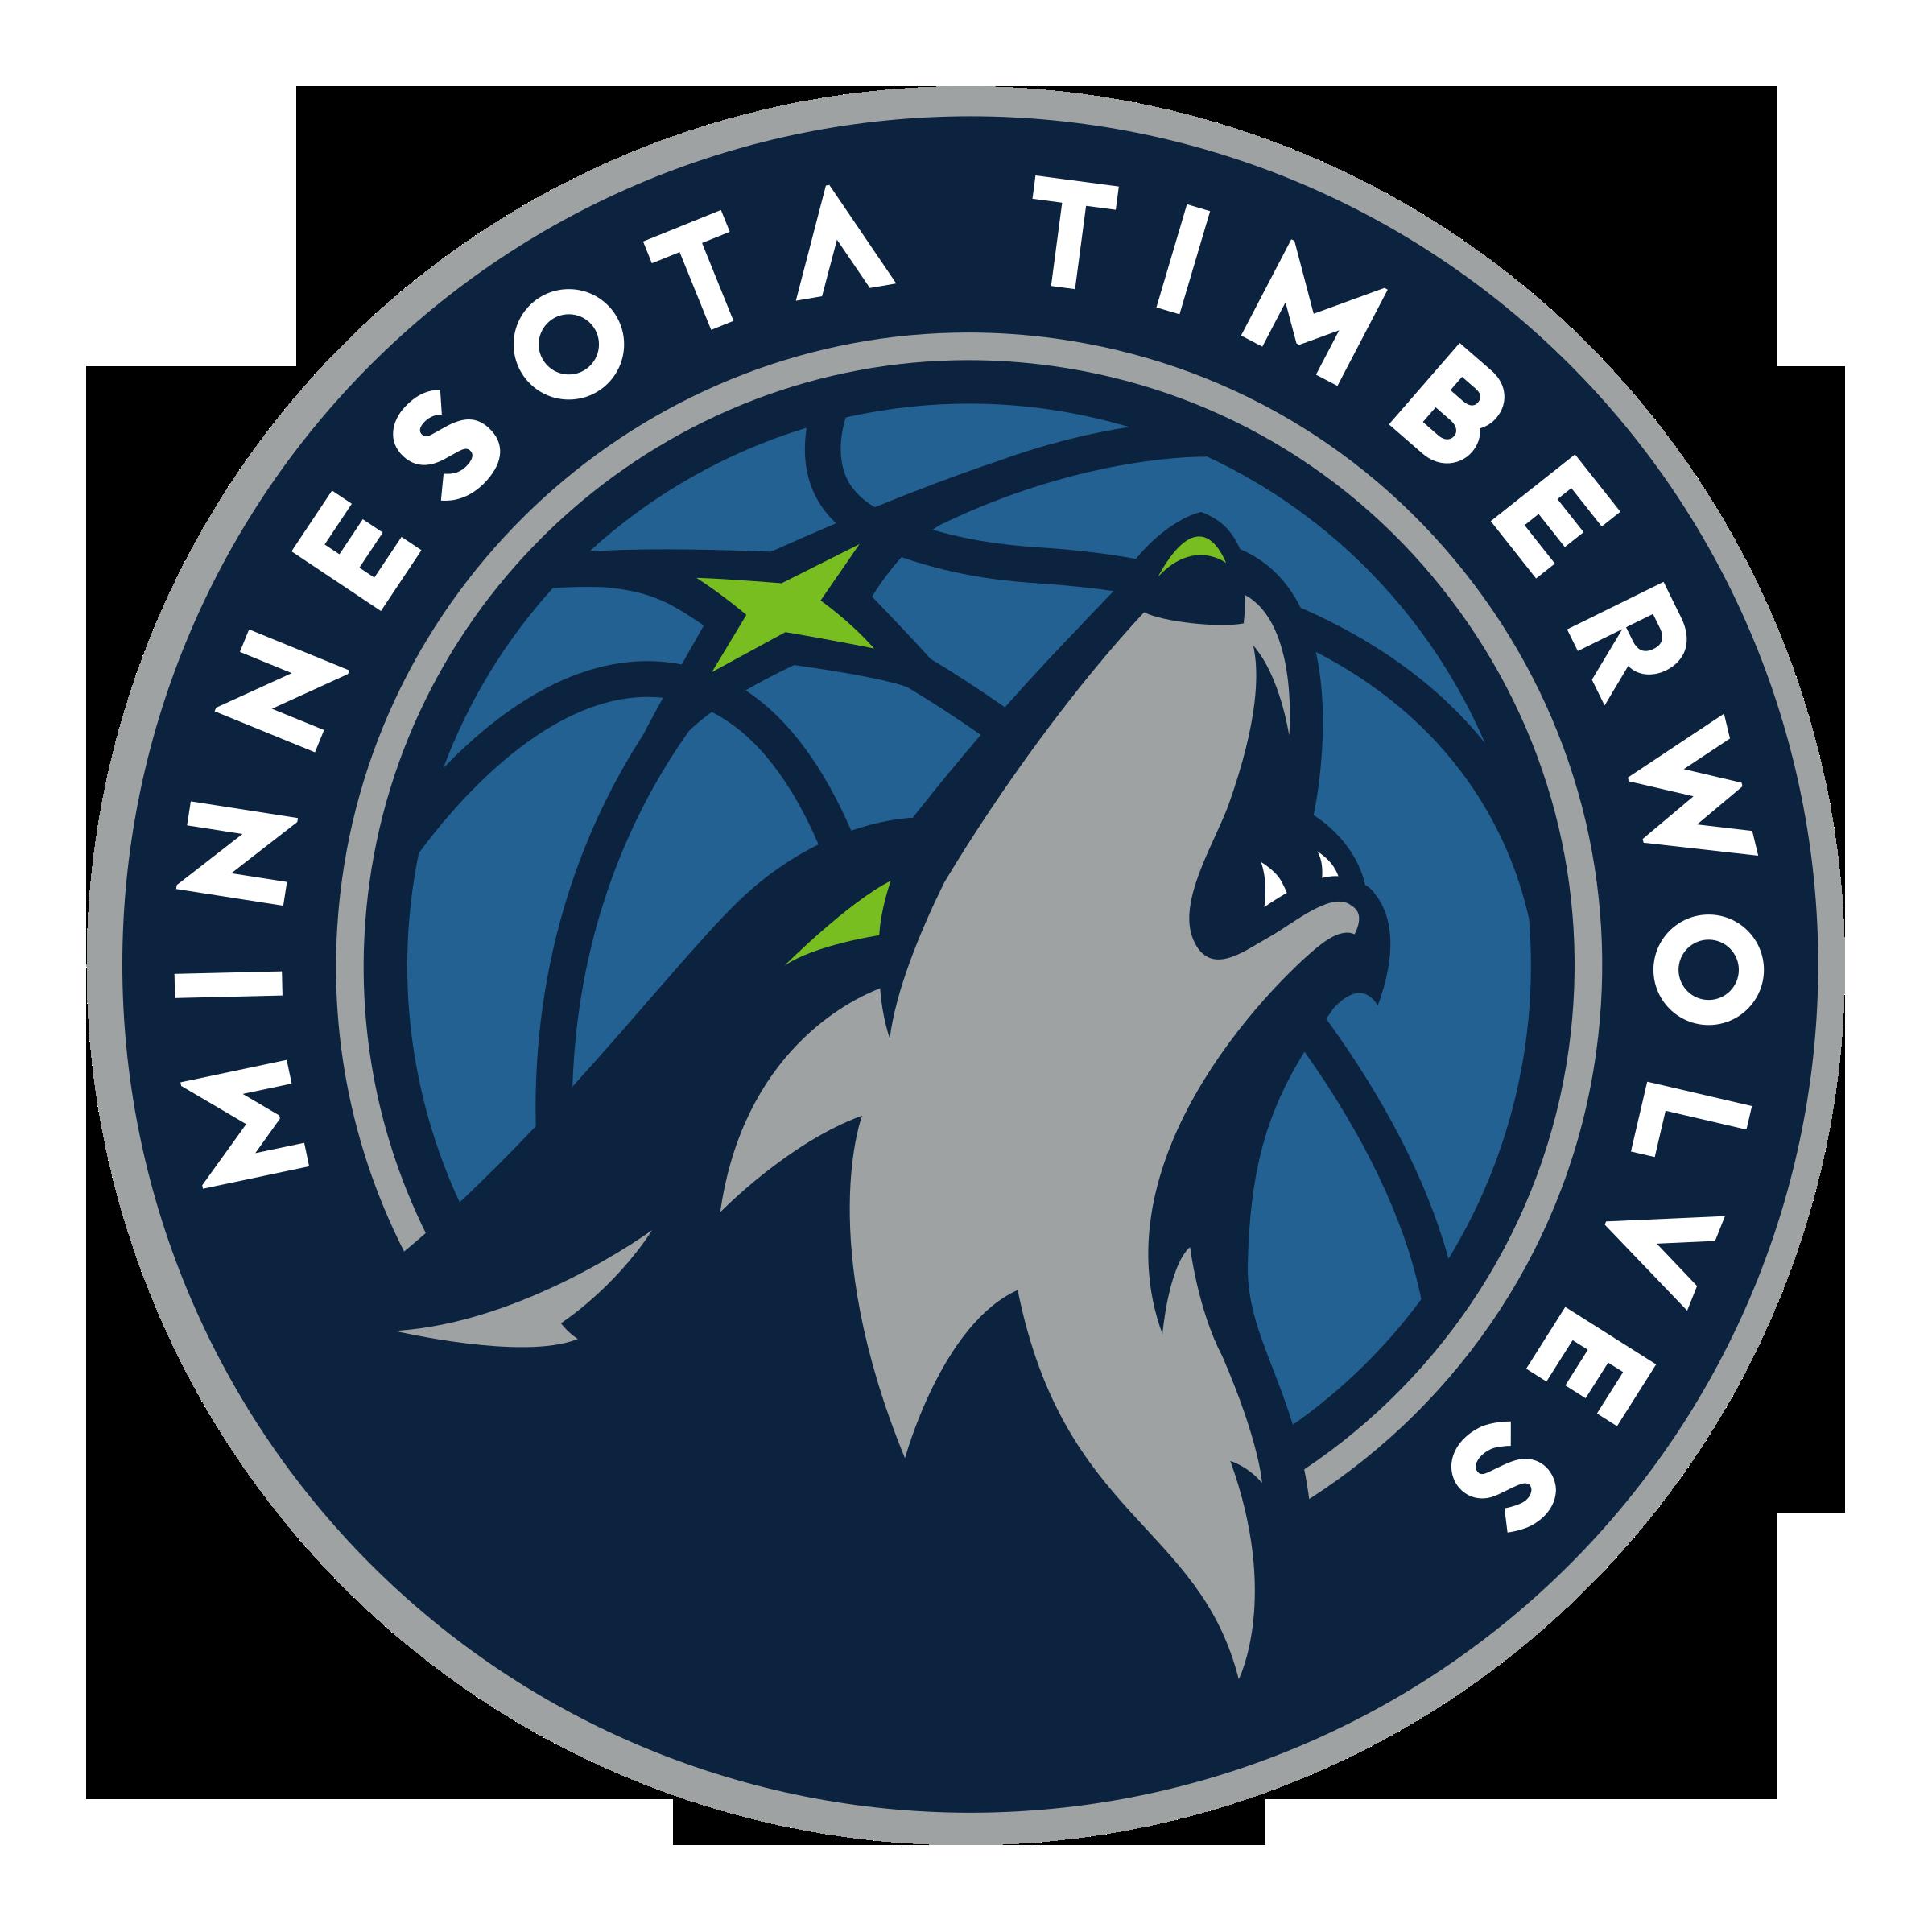 Minnesota Timberwolves logo transparent-Minnesota Timberwolves logo transparent-19